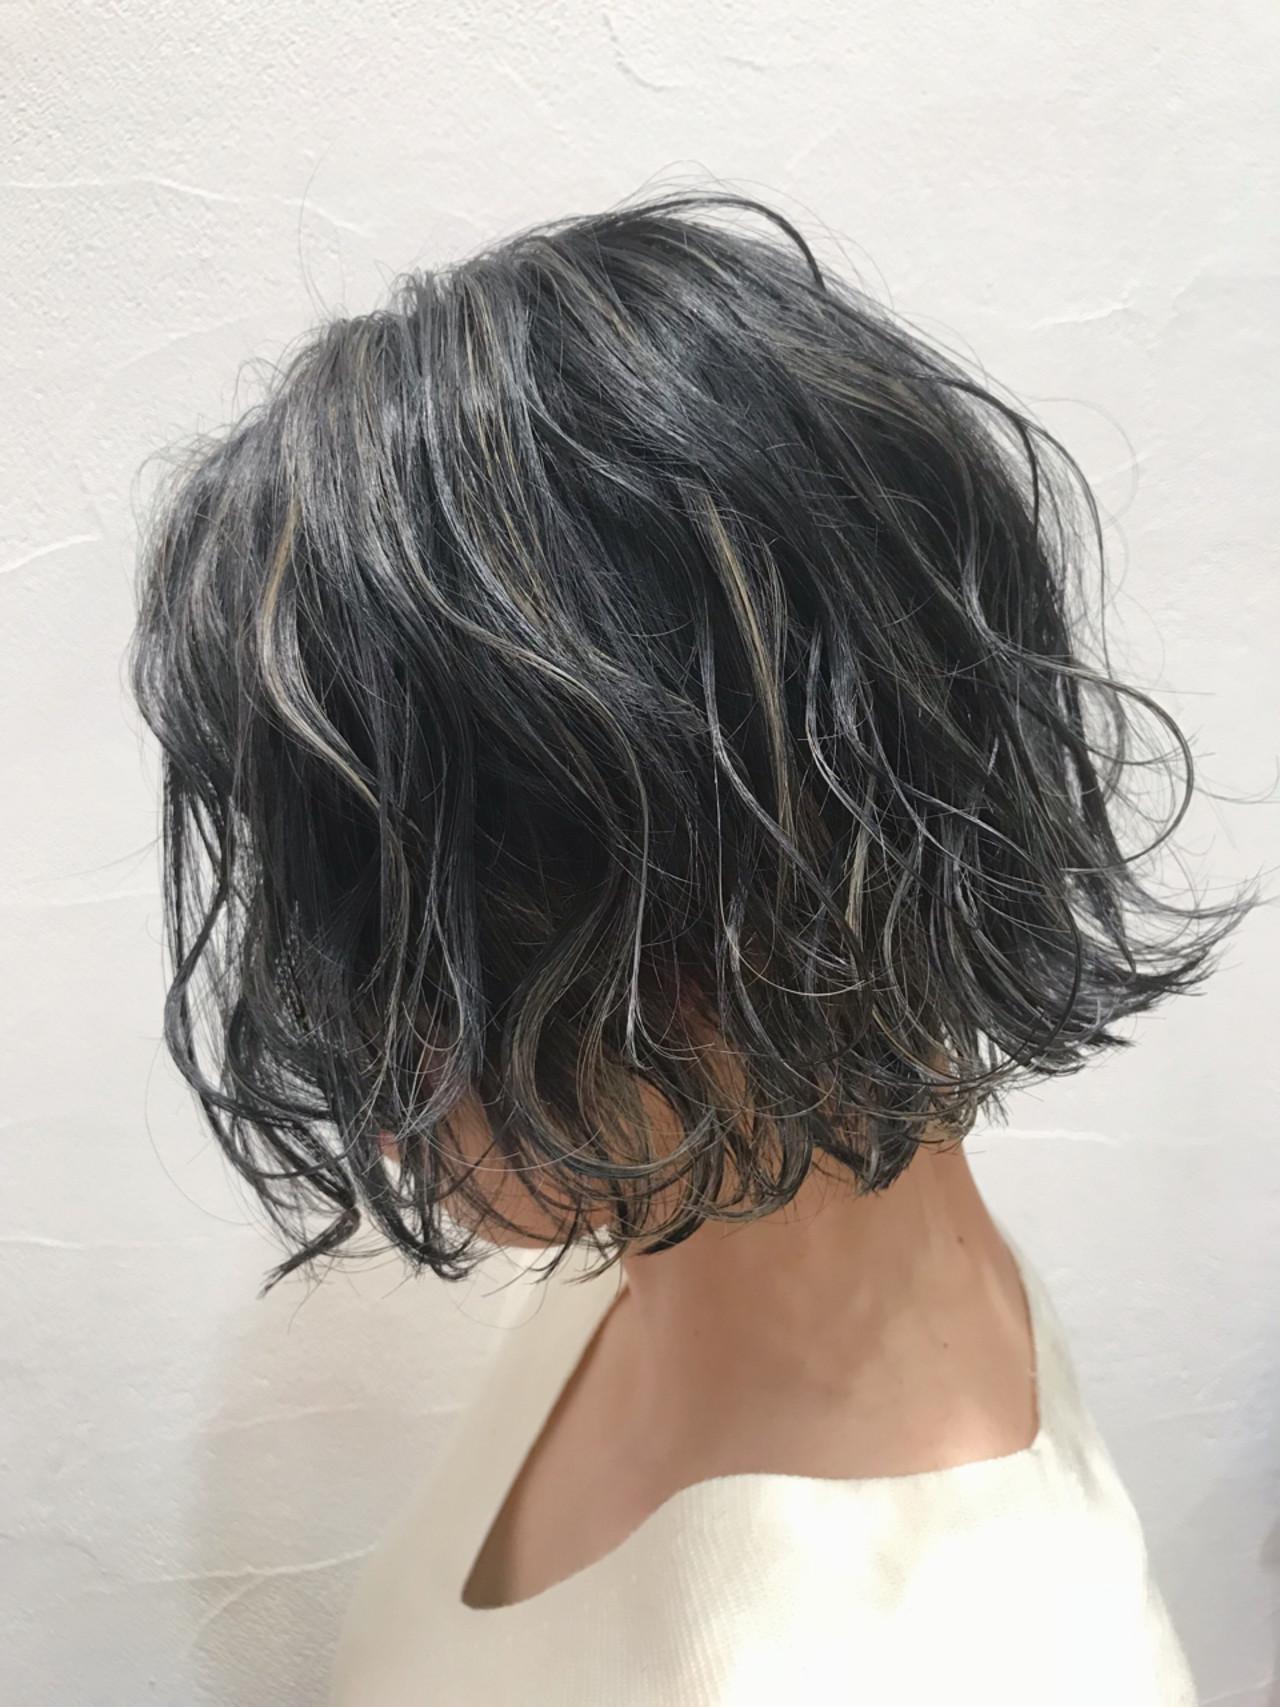 ナチュラル 透明感 外国人風 グレージュ ヘアスタイルや髪型の写真・画像